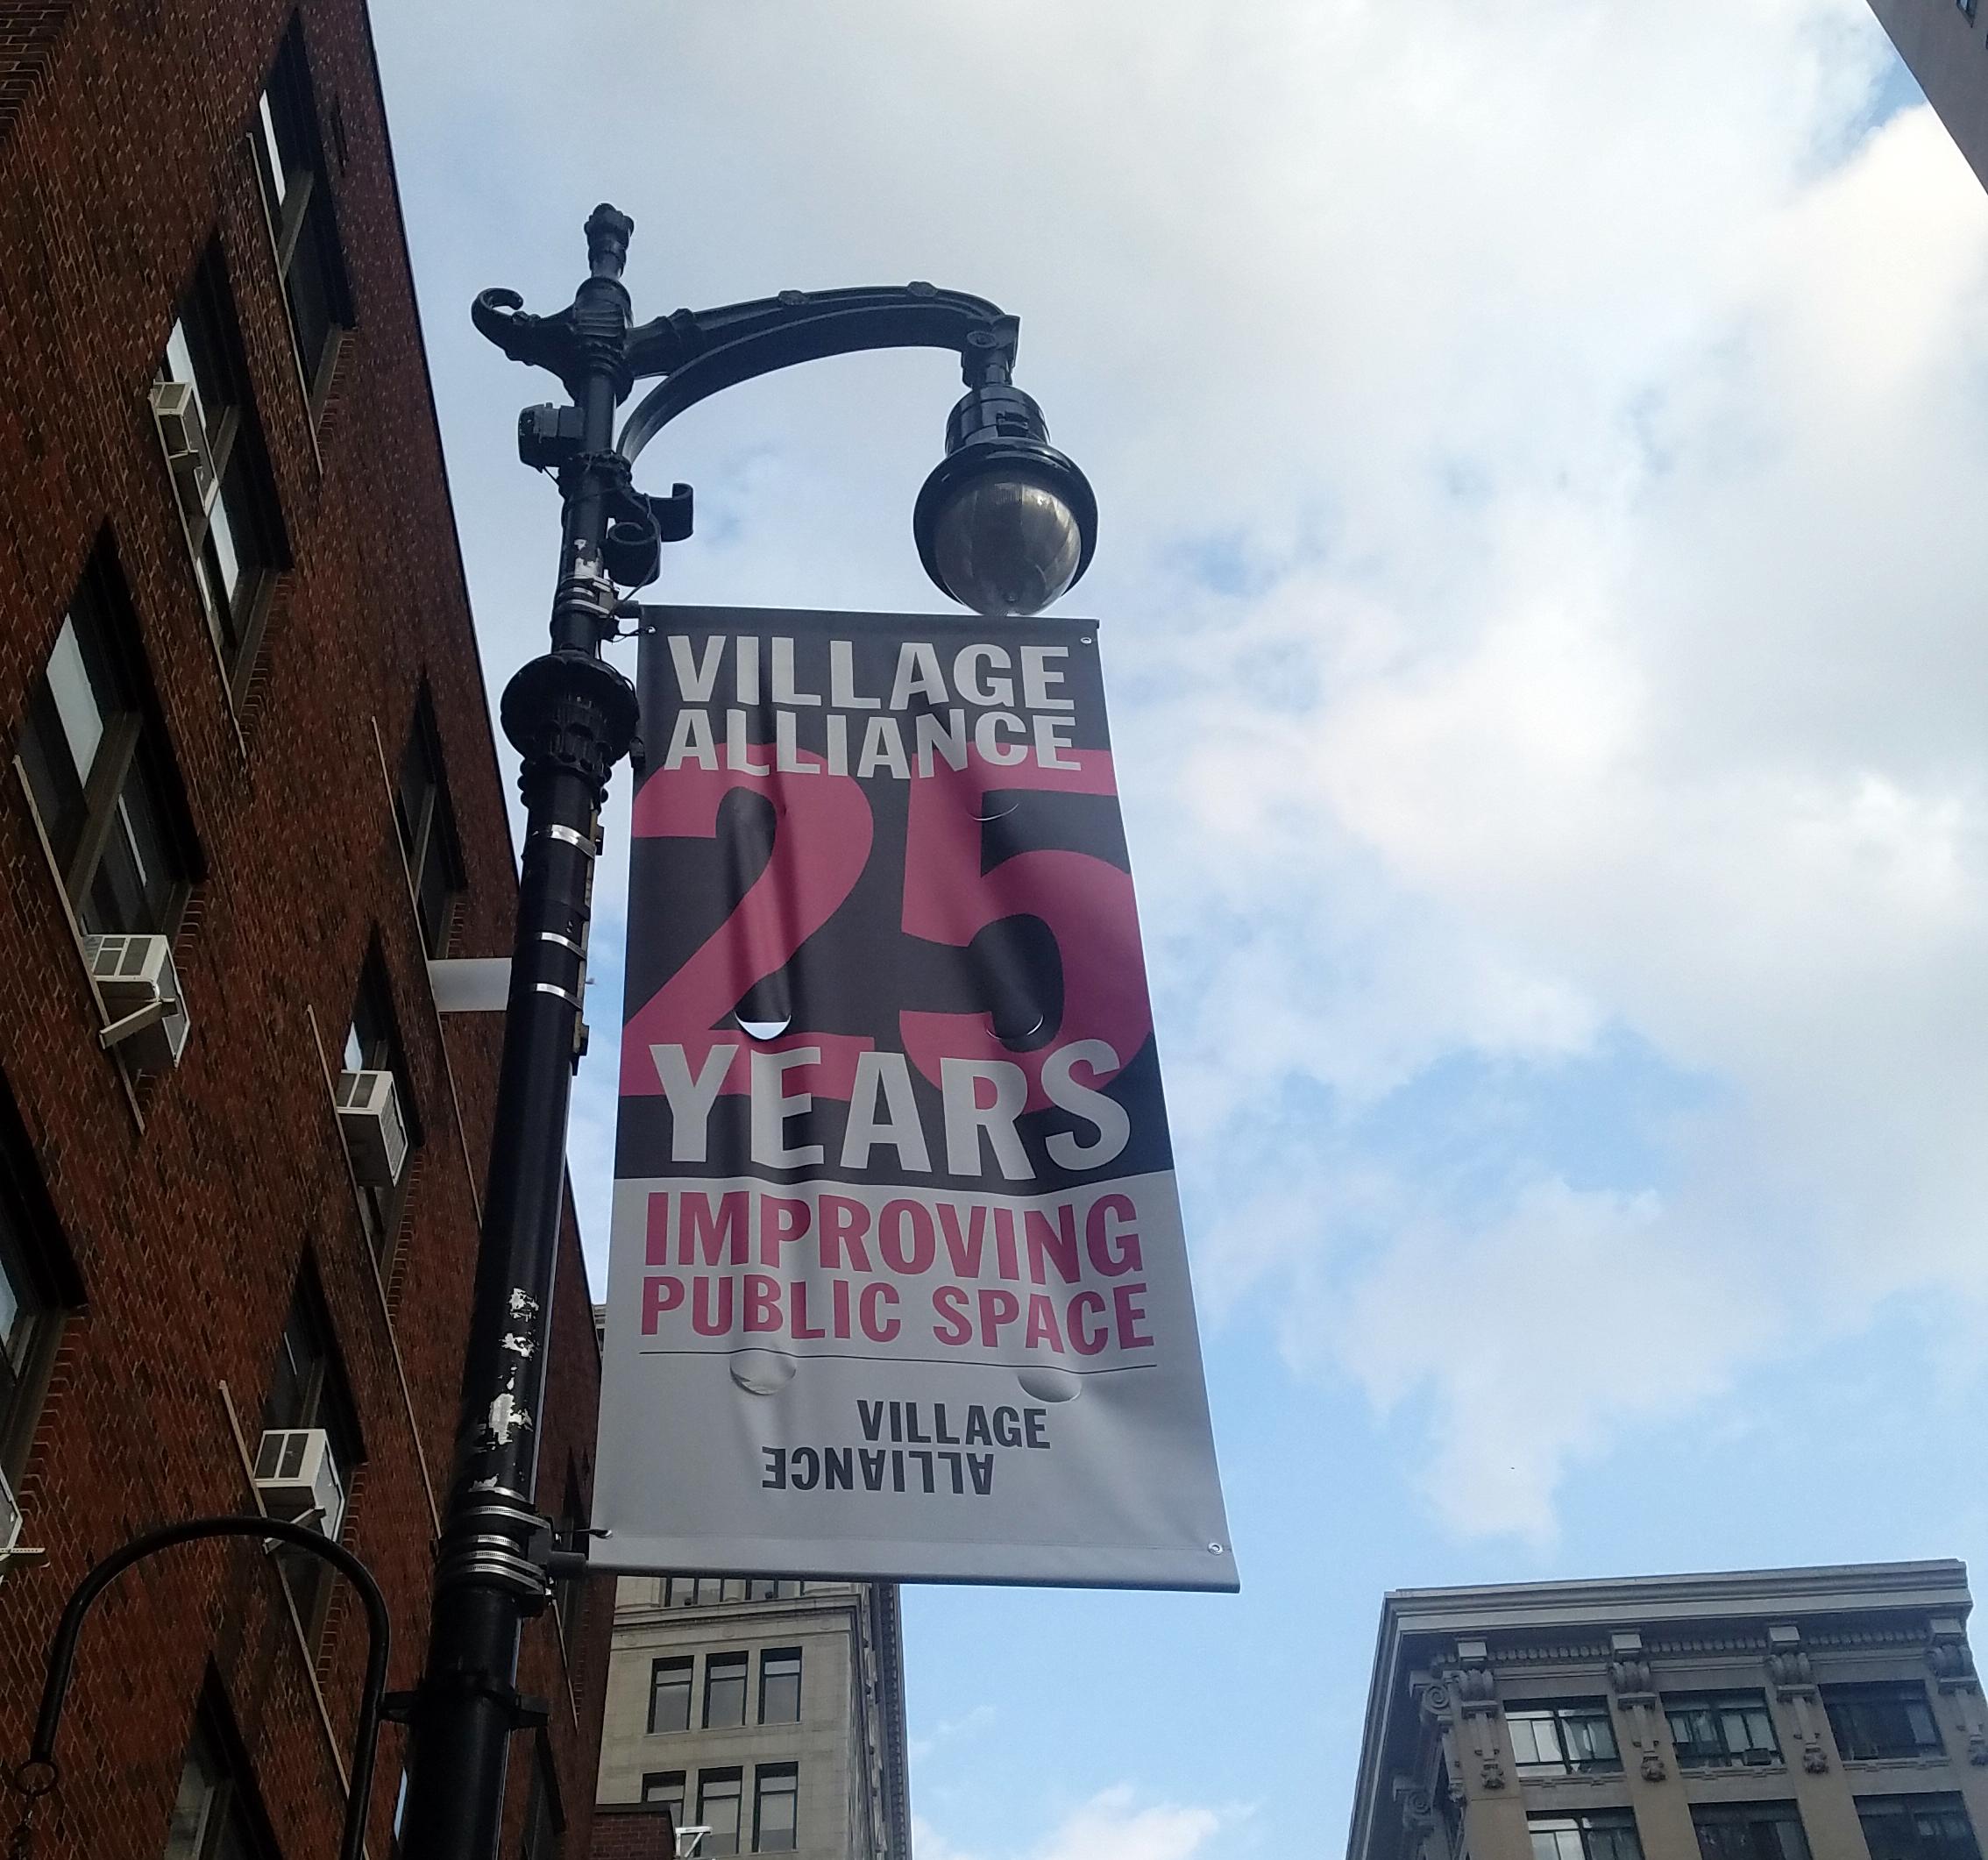 Village Alliance sign